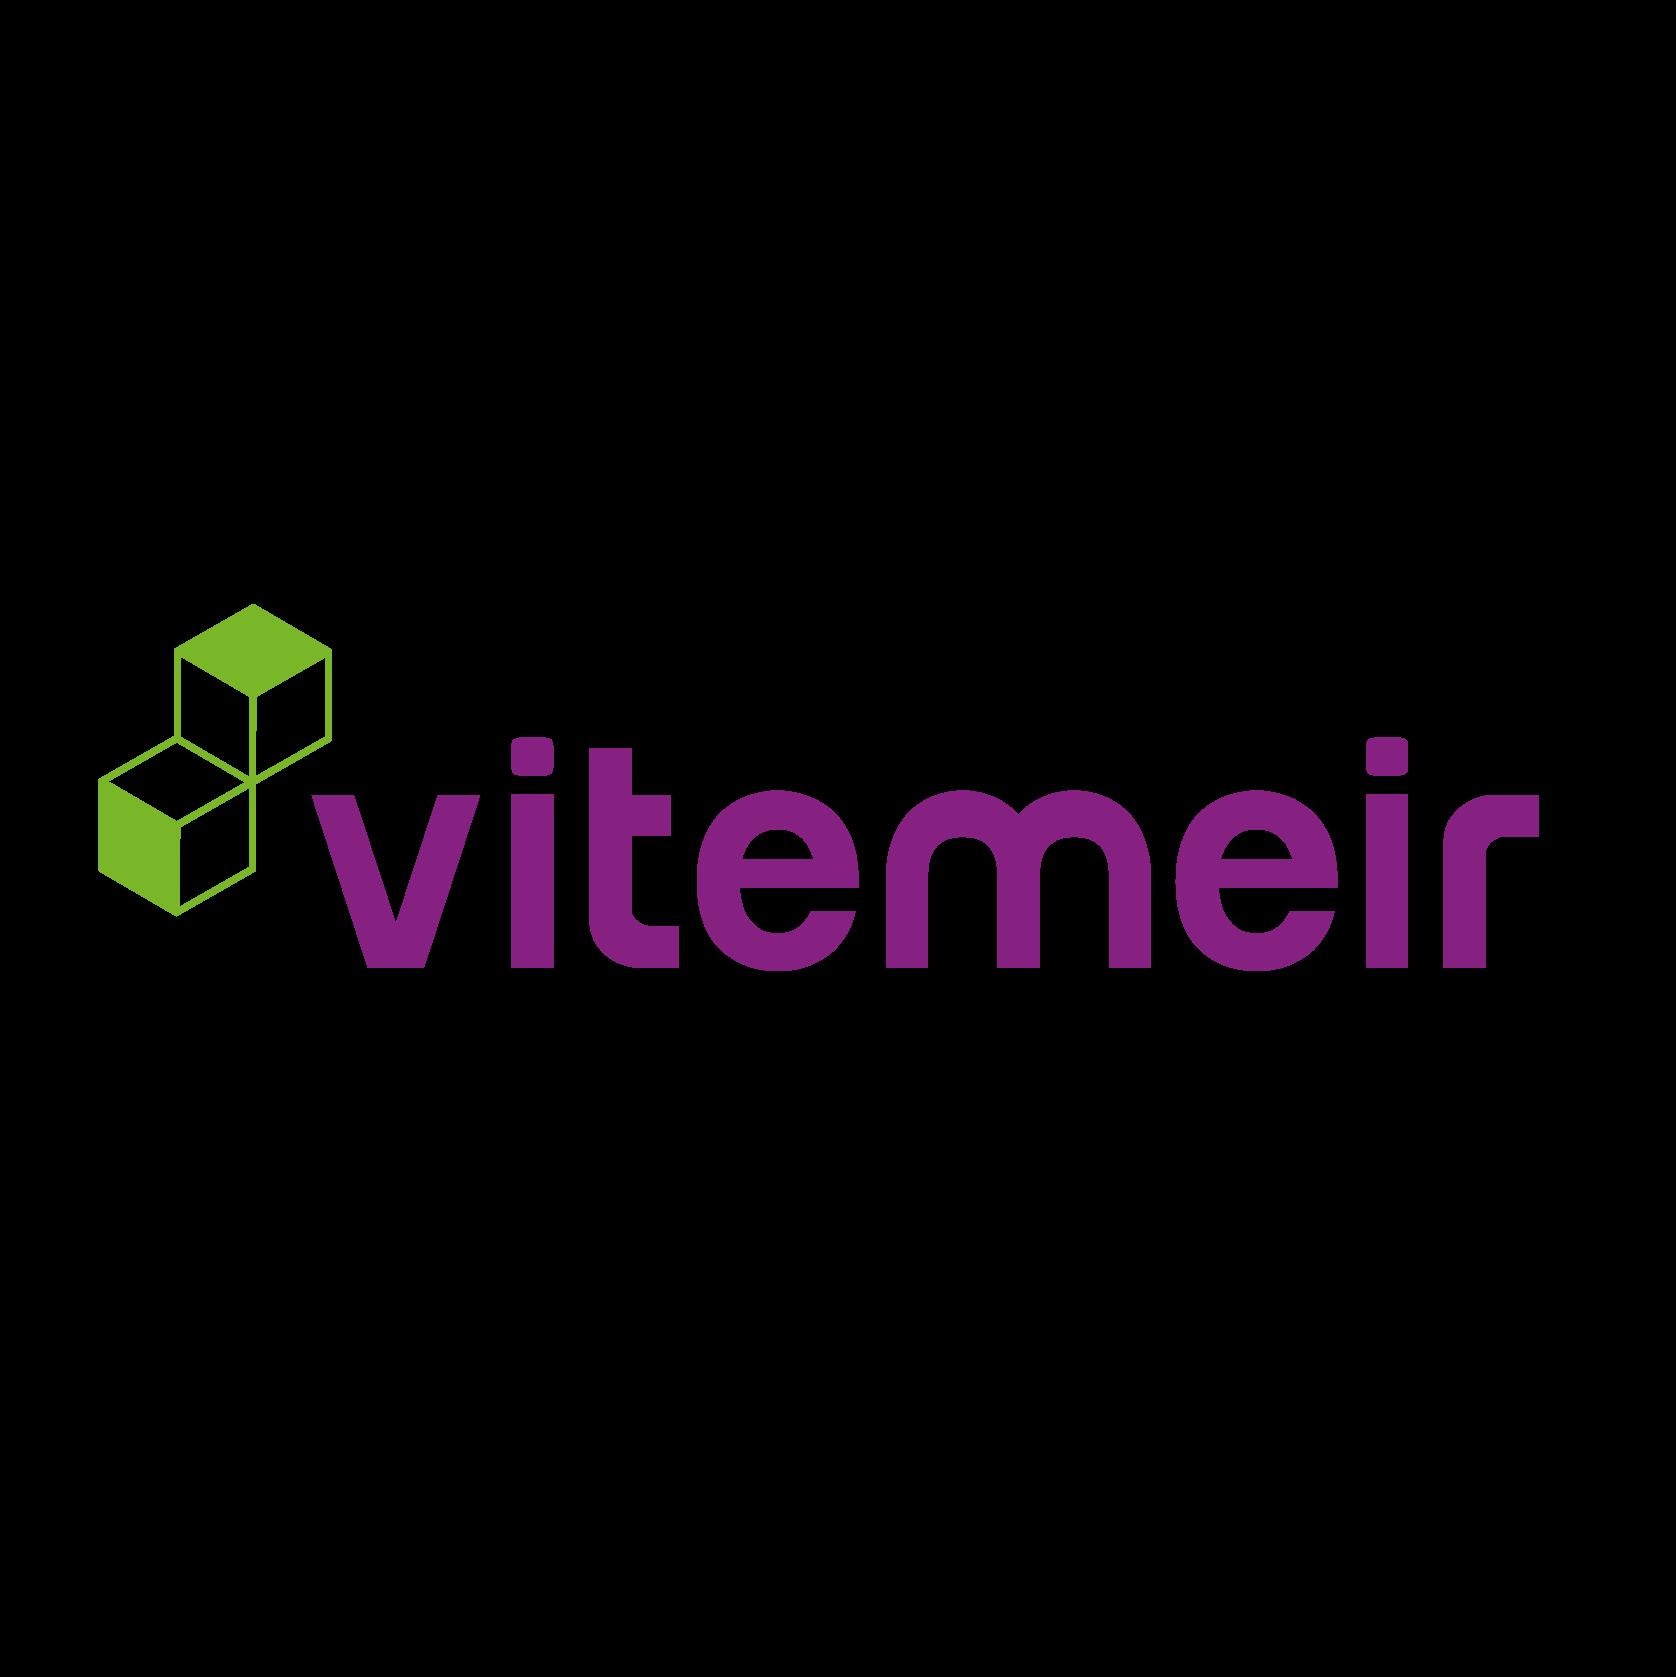 vitemeir_logo kvadratisk.png